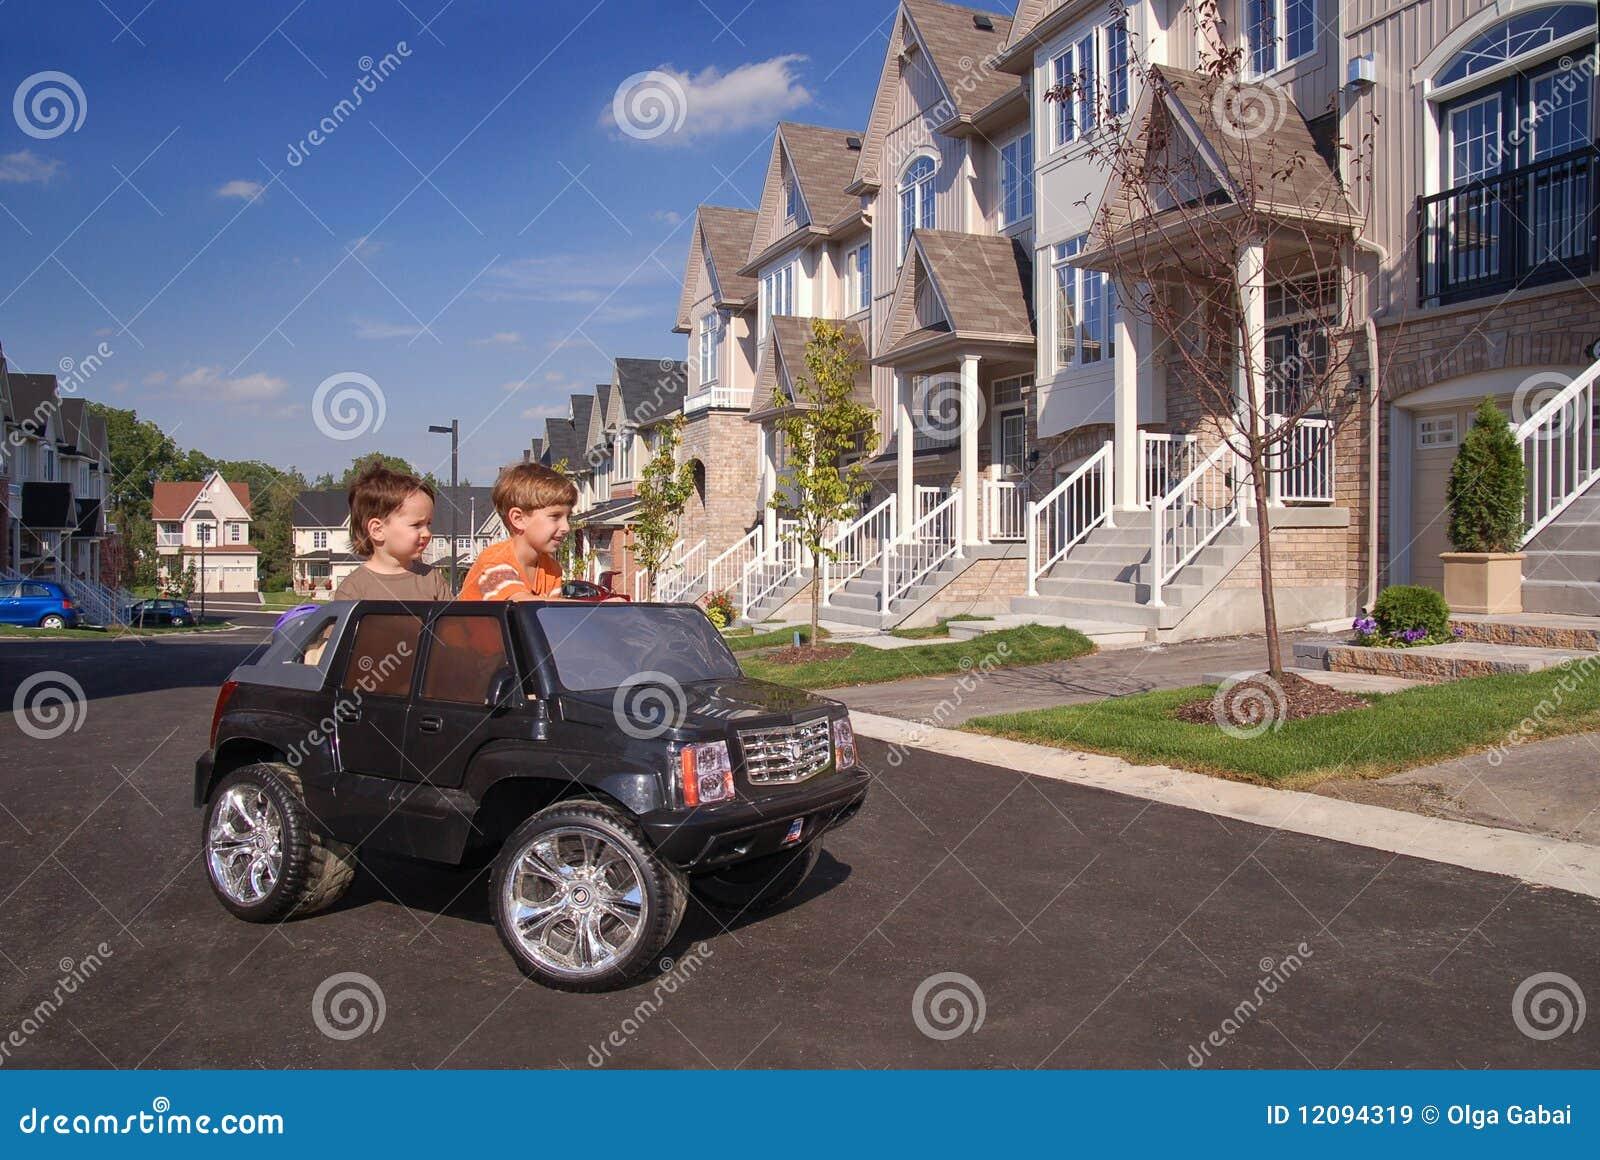 Ma dzieciak zabawkę samochodowa zabawa dwa